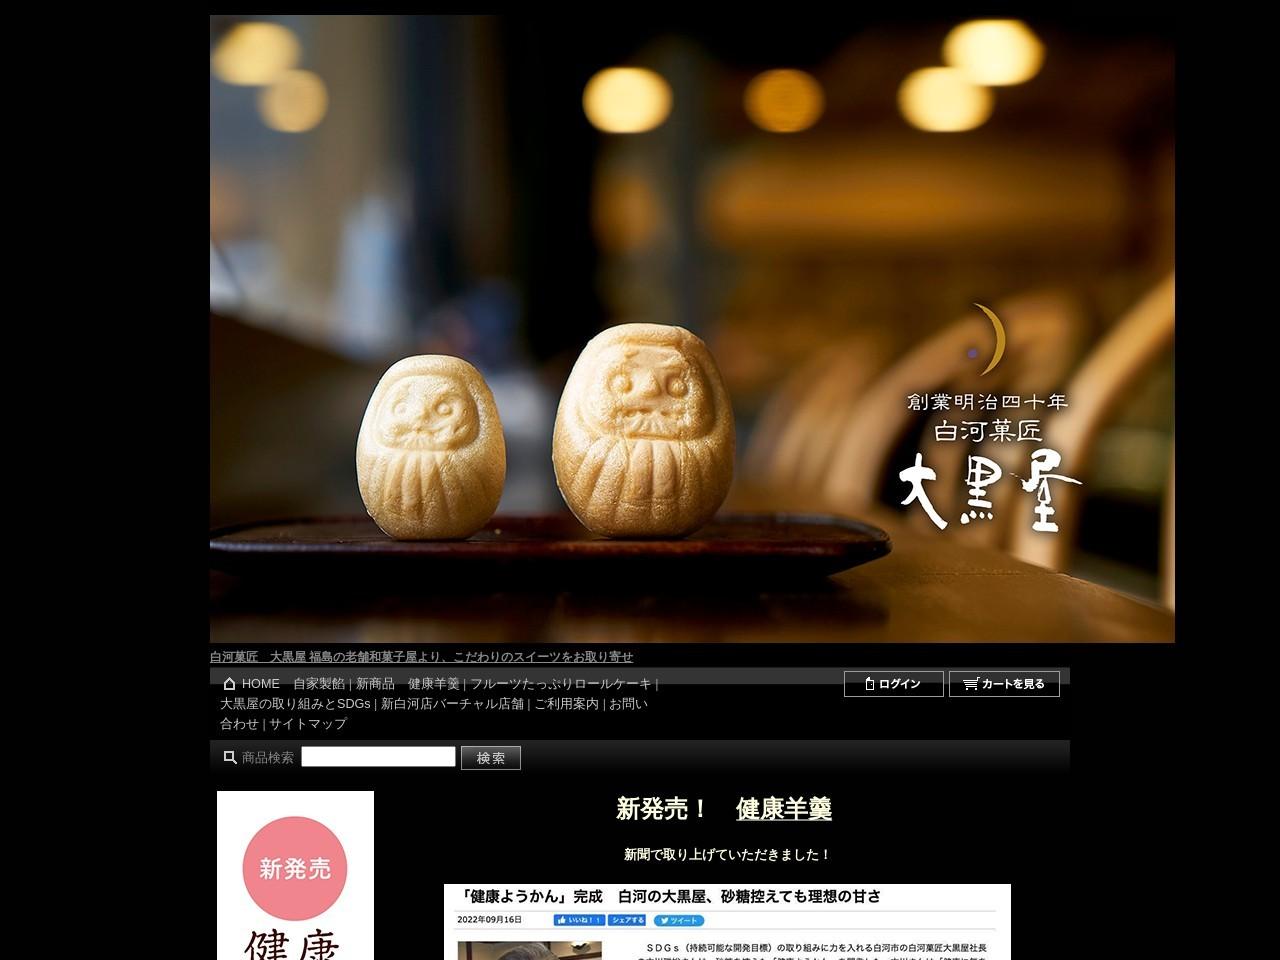 株式会社大黒屋新白河店ご注文受付